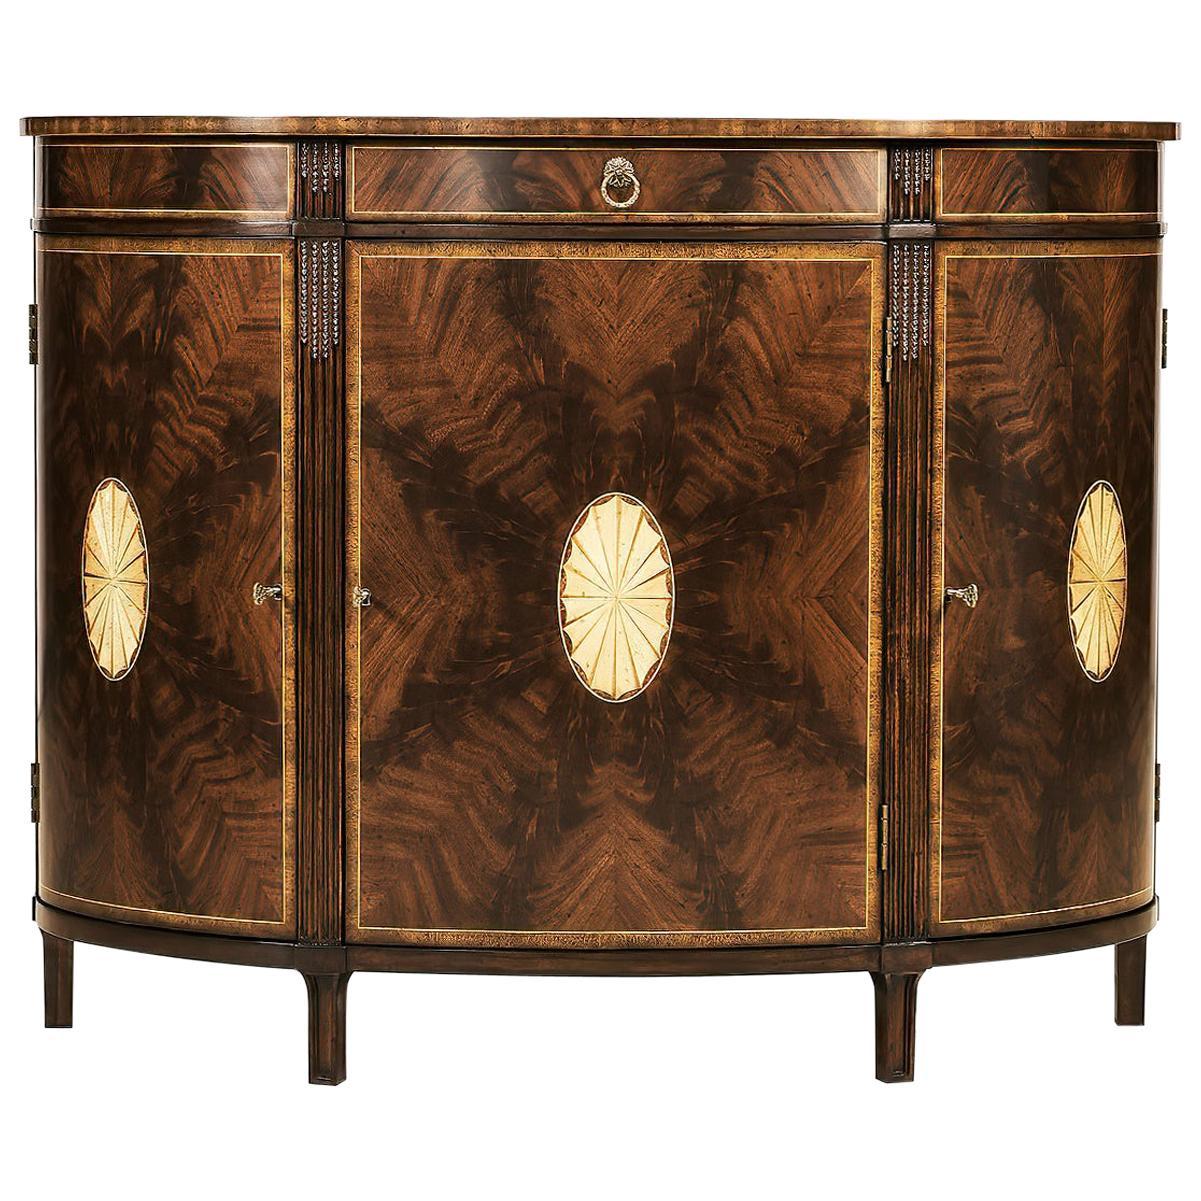 George III Style Mahogany Inlaid Sideboard